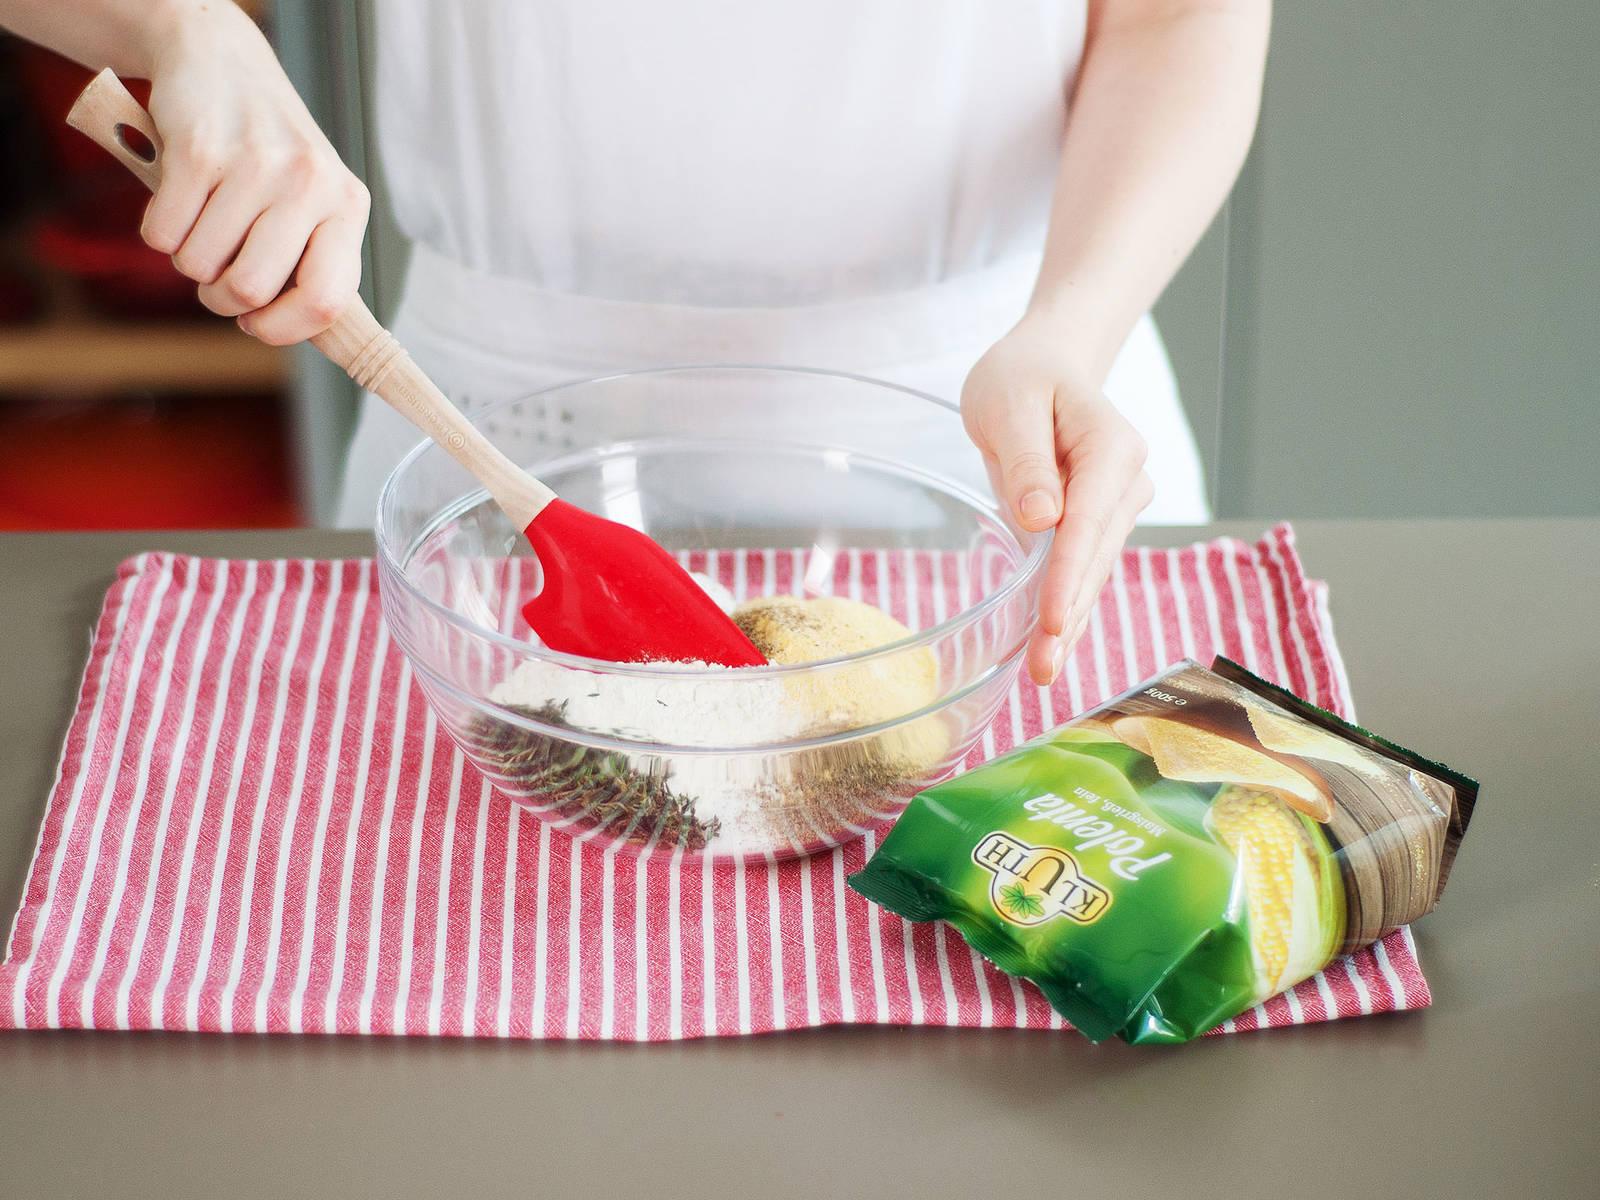 将烤箱预热至200℃。在一个大碗中混合粗玉米面、面粉、盐、胡椒、草本末和泡打粉。